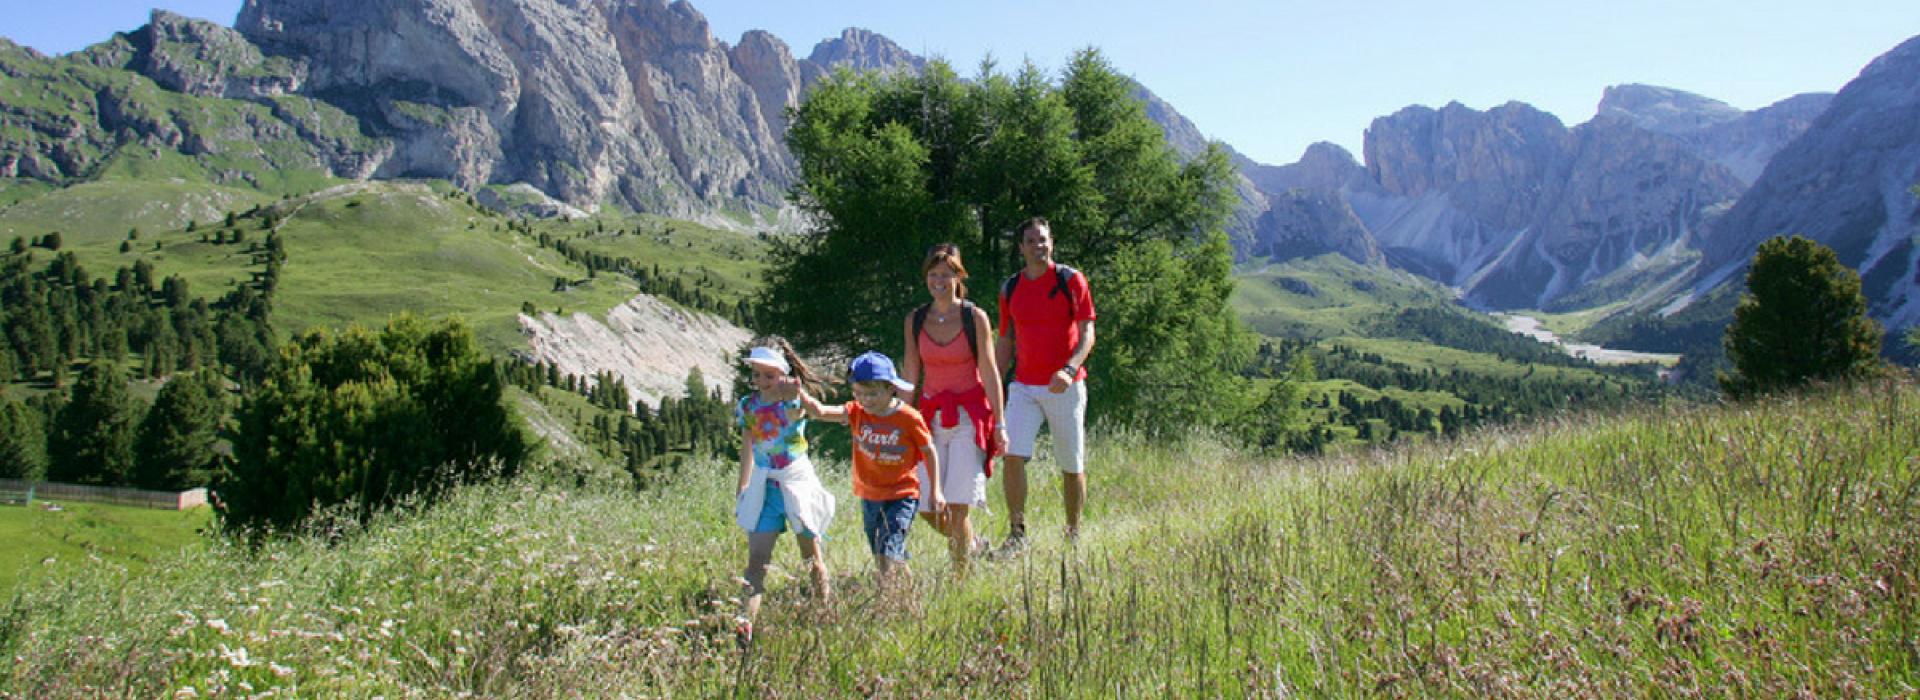 Górskie wakacje z atrakcjami  - RABAT 25% pełna opcja